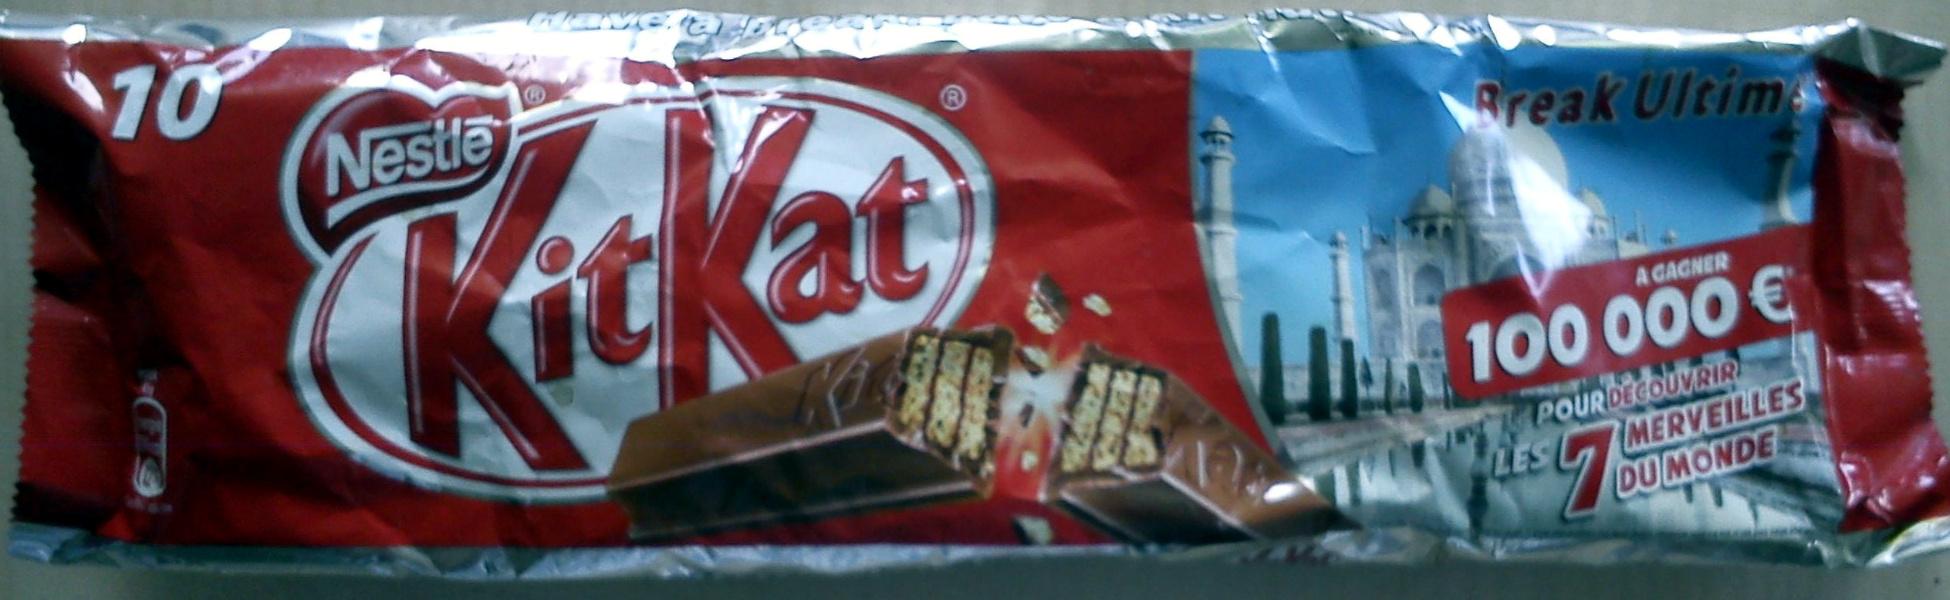 10 Kit Kat - Product